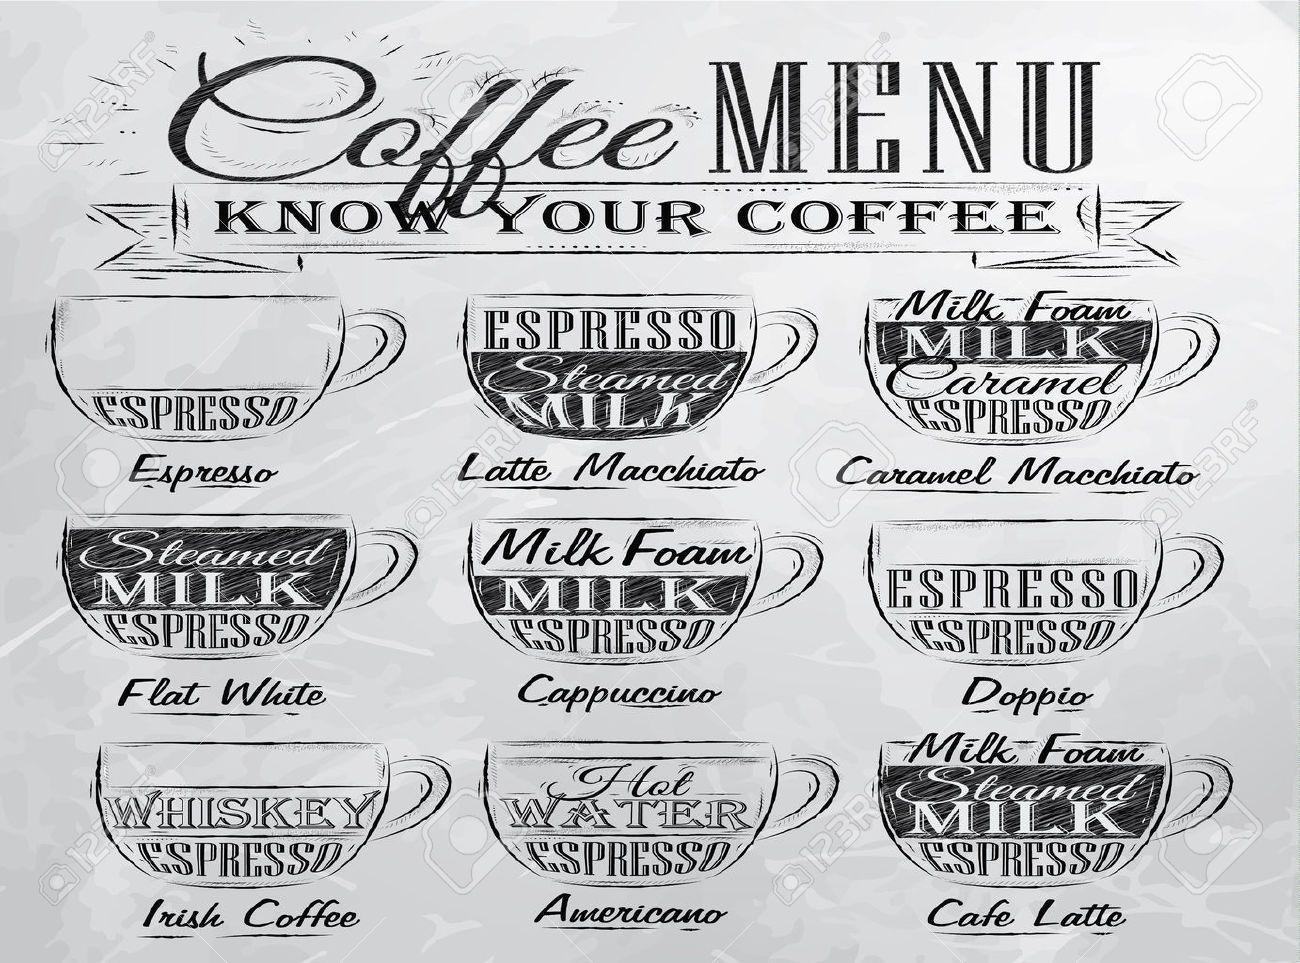 Pin by Lorielle Agraso on Chalkboard | Pinterest | Coffee coffee ...